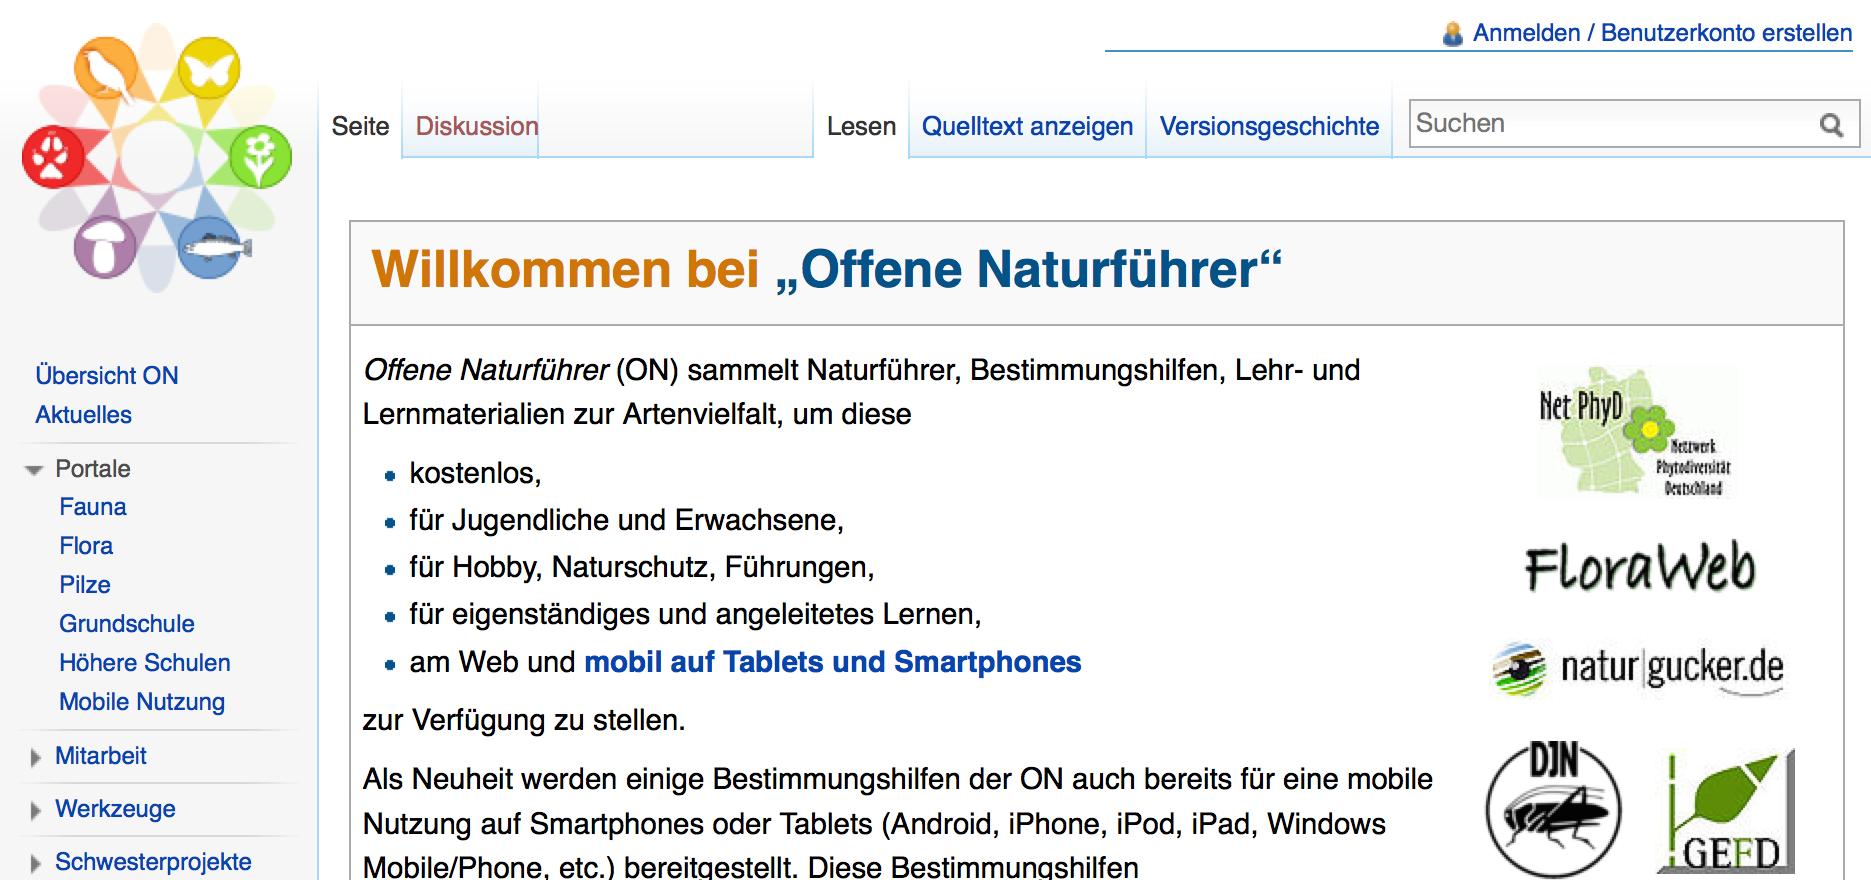 Screenshot von offene-naturfuehrer.de (nicht unter freier Lizenz)